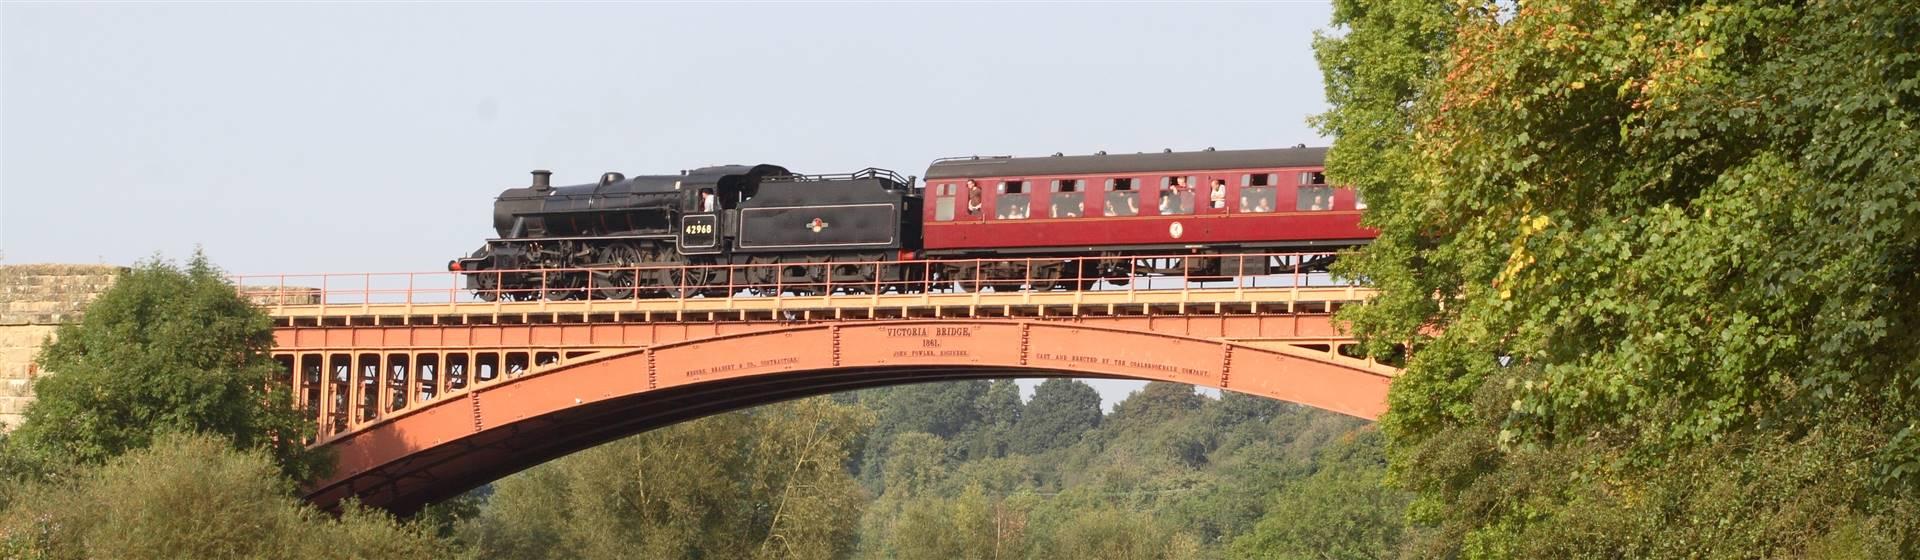 """<img src=""""svr_steamtrainovervictoriabridge2_new.jpeg"""" alt=""""Steam train on Victoria Bridge""""/>"""